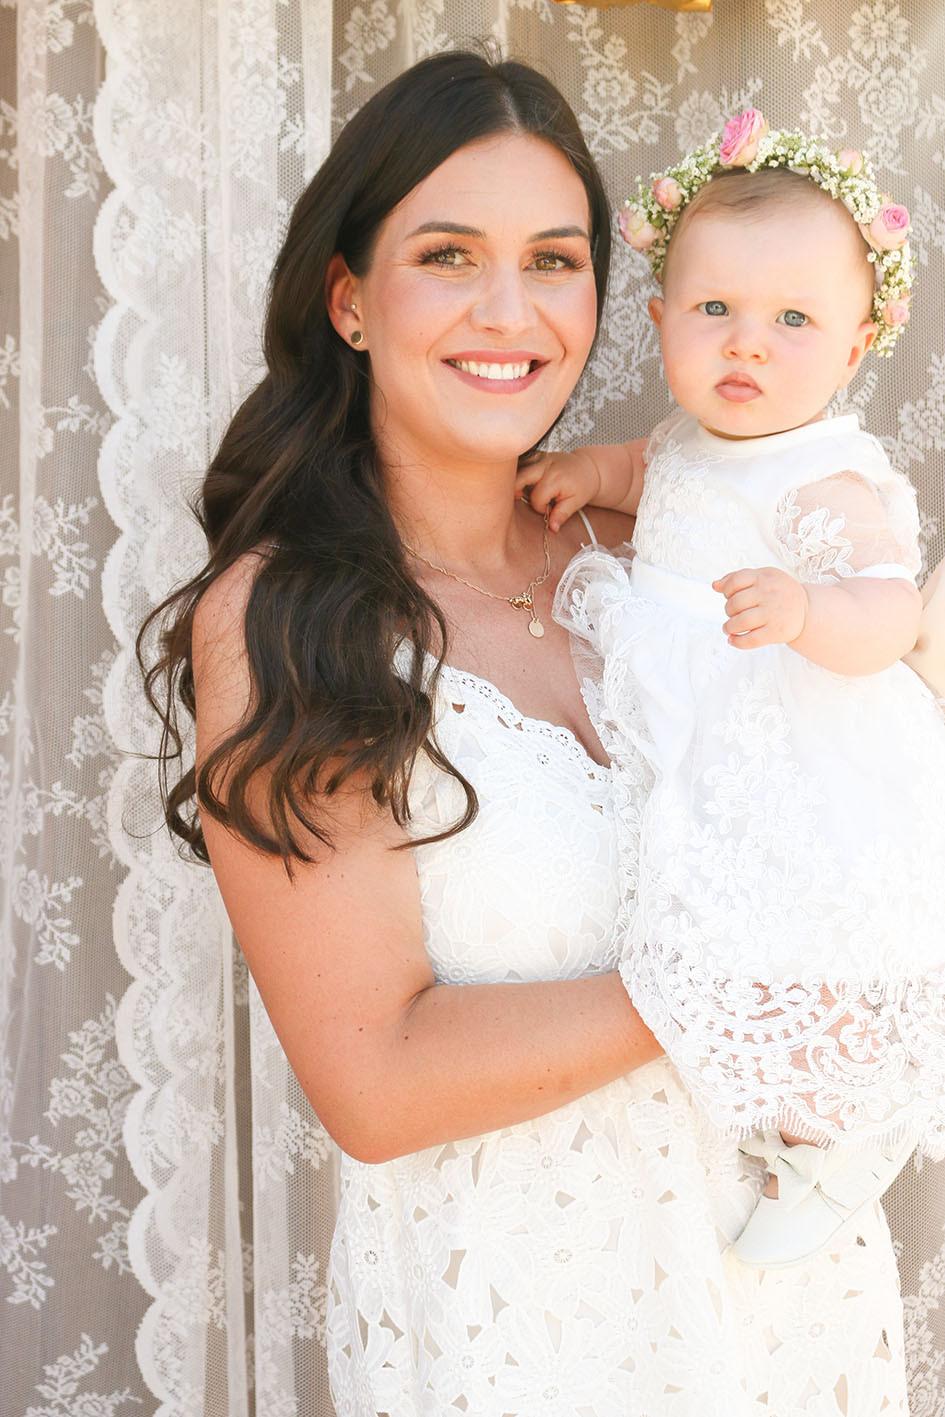 Mama Tabea hält Baby Mila auf dem Arm. Beide tragen ein weißes Kleid.